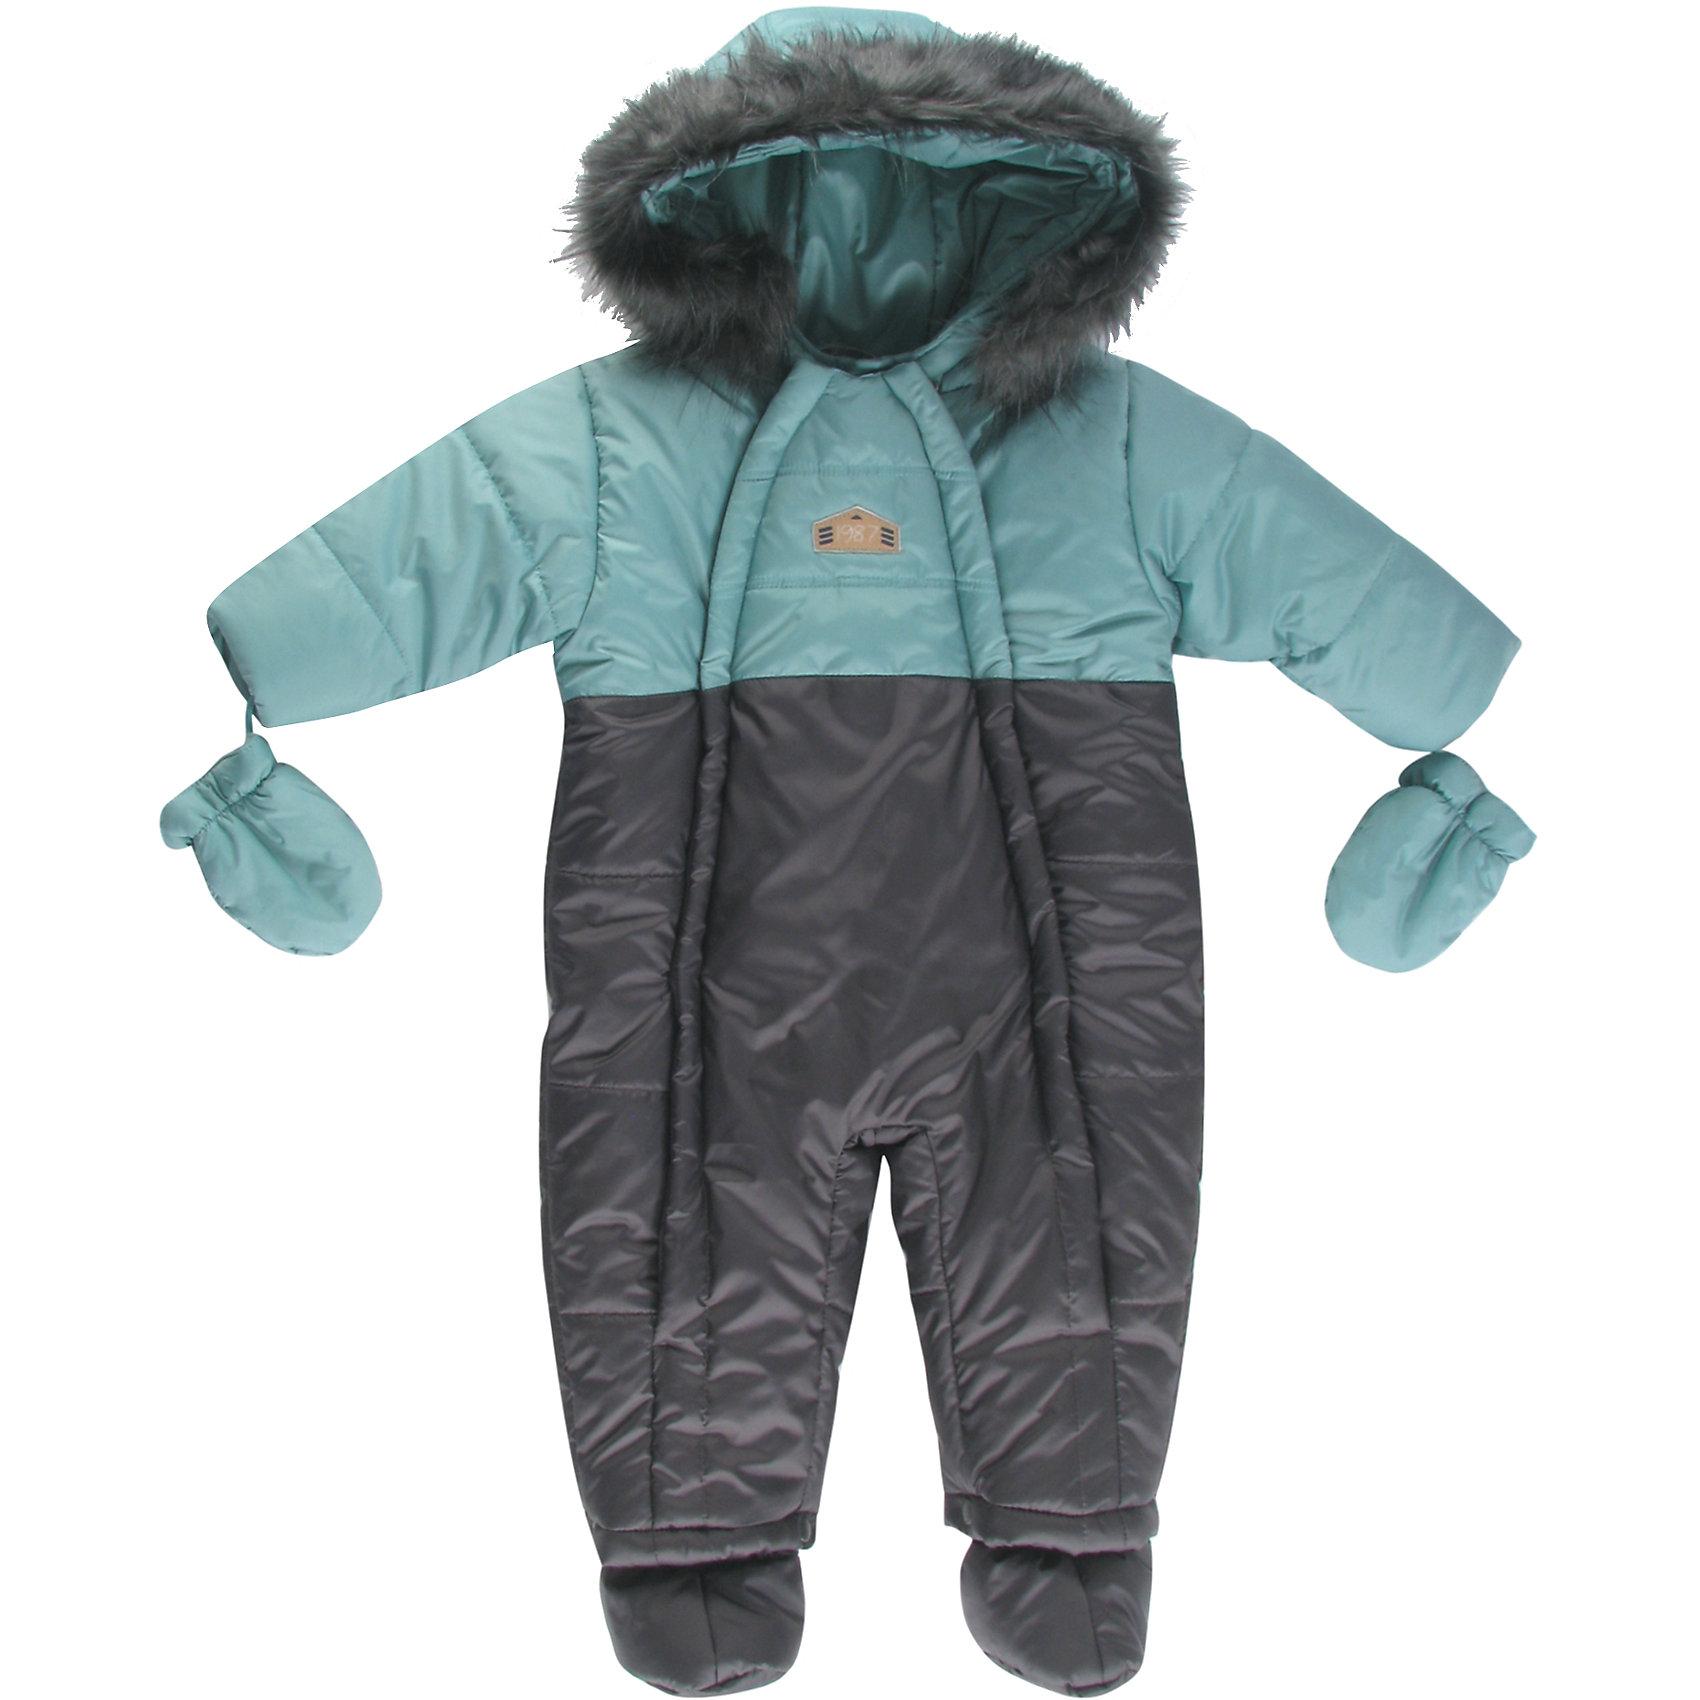 Комбинезон для мальчика WojcikВерхняя одежда<br>Характеристики товара:<br><br>• цвет: голубой<br>• комплектация: рукавицы<br>• состав ткани: 100% полиэстер <br>• сезон: демисезон<br>• особенности модели: с капюшоном<br>• застежка: молния<br>• капюшон: с мехом<br>• длинные рукава<br>• страна бренда: Польша<br>• страна изготовитель: Польша<br><br>Теплый комбинезон с капюшоном для мальчика от Войчик легко надевается благодаря удобным застежкам. Оригинальный комбинезон для детей дополнен мягкой подкладкой. Детский комбинезон декорирован опушкой. Бренд Wojcik - это польская детская одежда отличного качества по доступной цене. <br><br>Комбинезон для мальчика Wojcik (Войчик) можно купить в нашем интернет-магазине.<br><br>Ширина мм: 356<br>Глубина мм: 10<br>Высота мм: 245<br>Вес г: 519<br>Цвет: серый<br>Возраст от месяцев: 12<br>Возраст до месяцев: 15<br>Пол: Мужской<br>Возраст: Детский<br>Размер: 80,68,74<br>SKU: 5591887